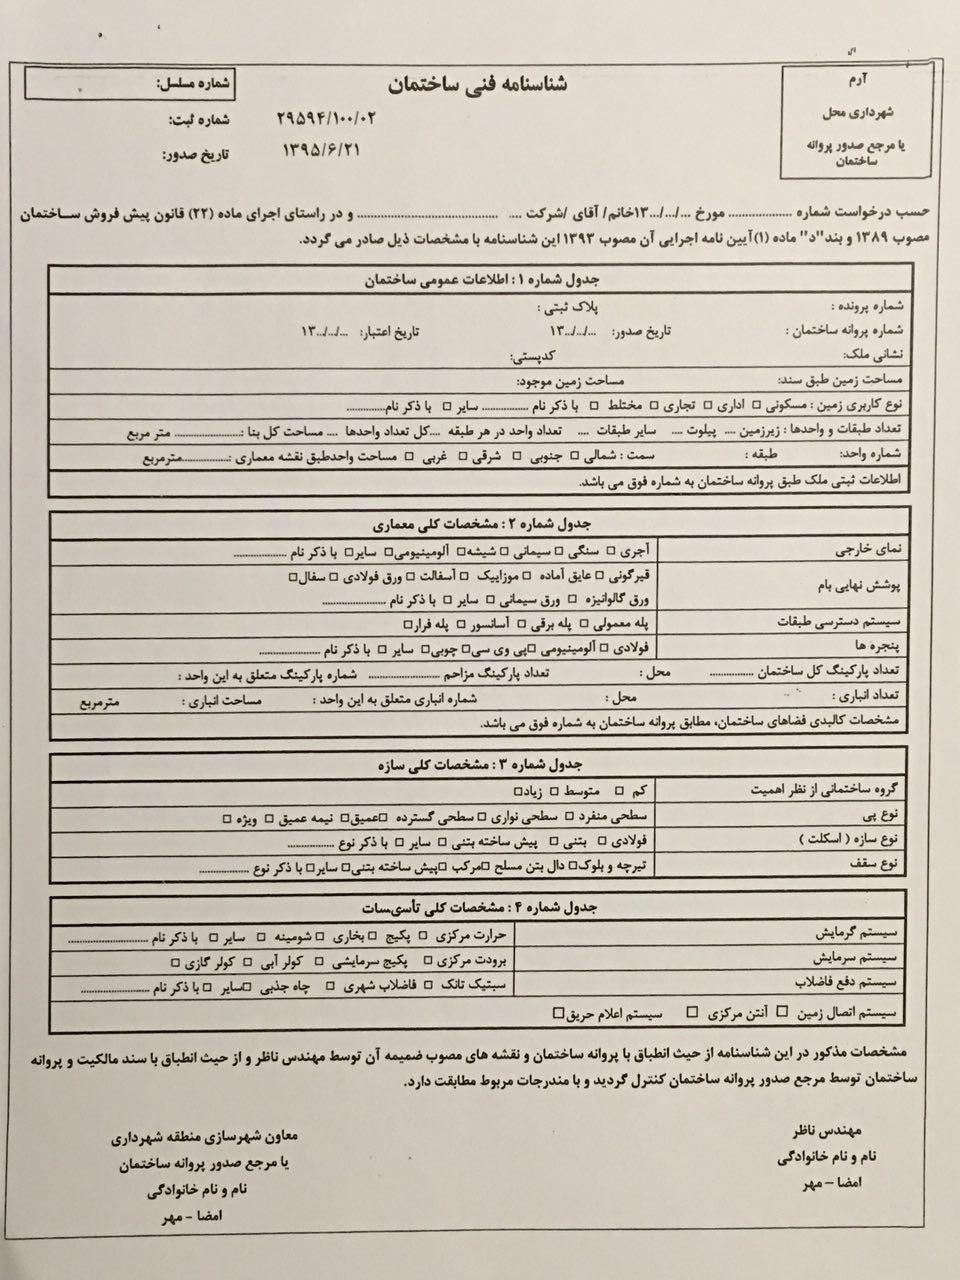 پیوست دستور العمل پیش فروش ساختمان ابلاغی از وزیر